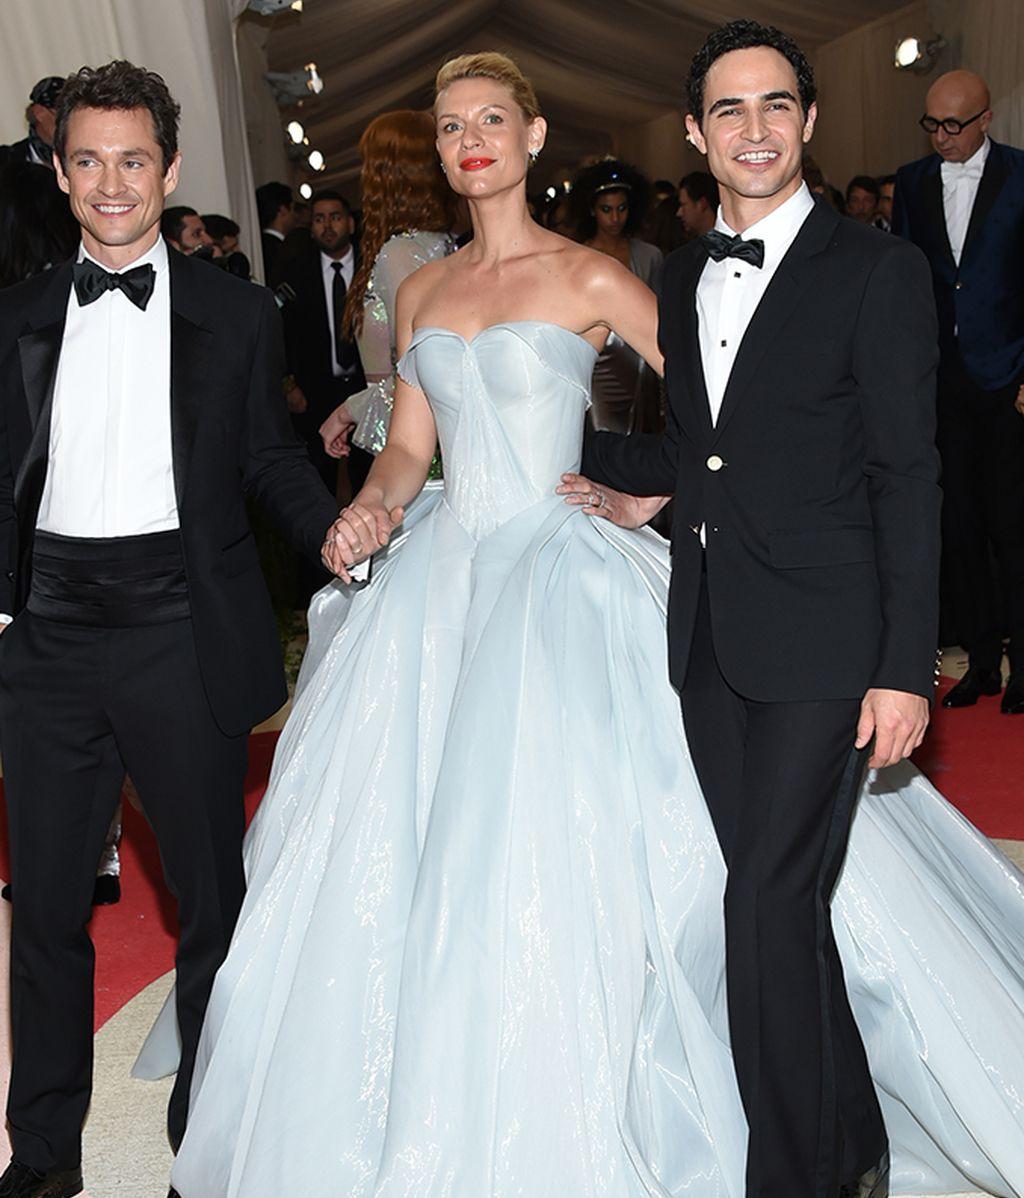 Clare Danes con Hugh Dancy y Zac Posen, el diseñador de su vestido